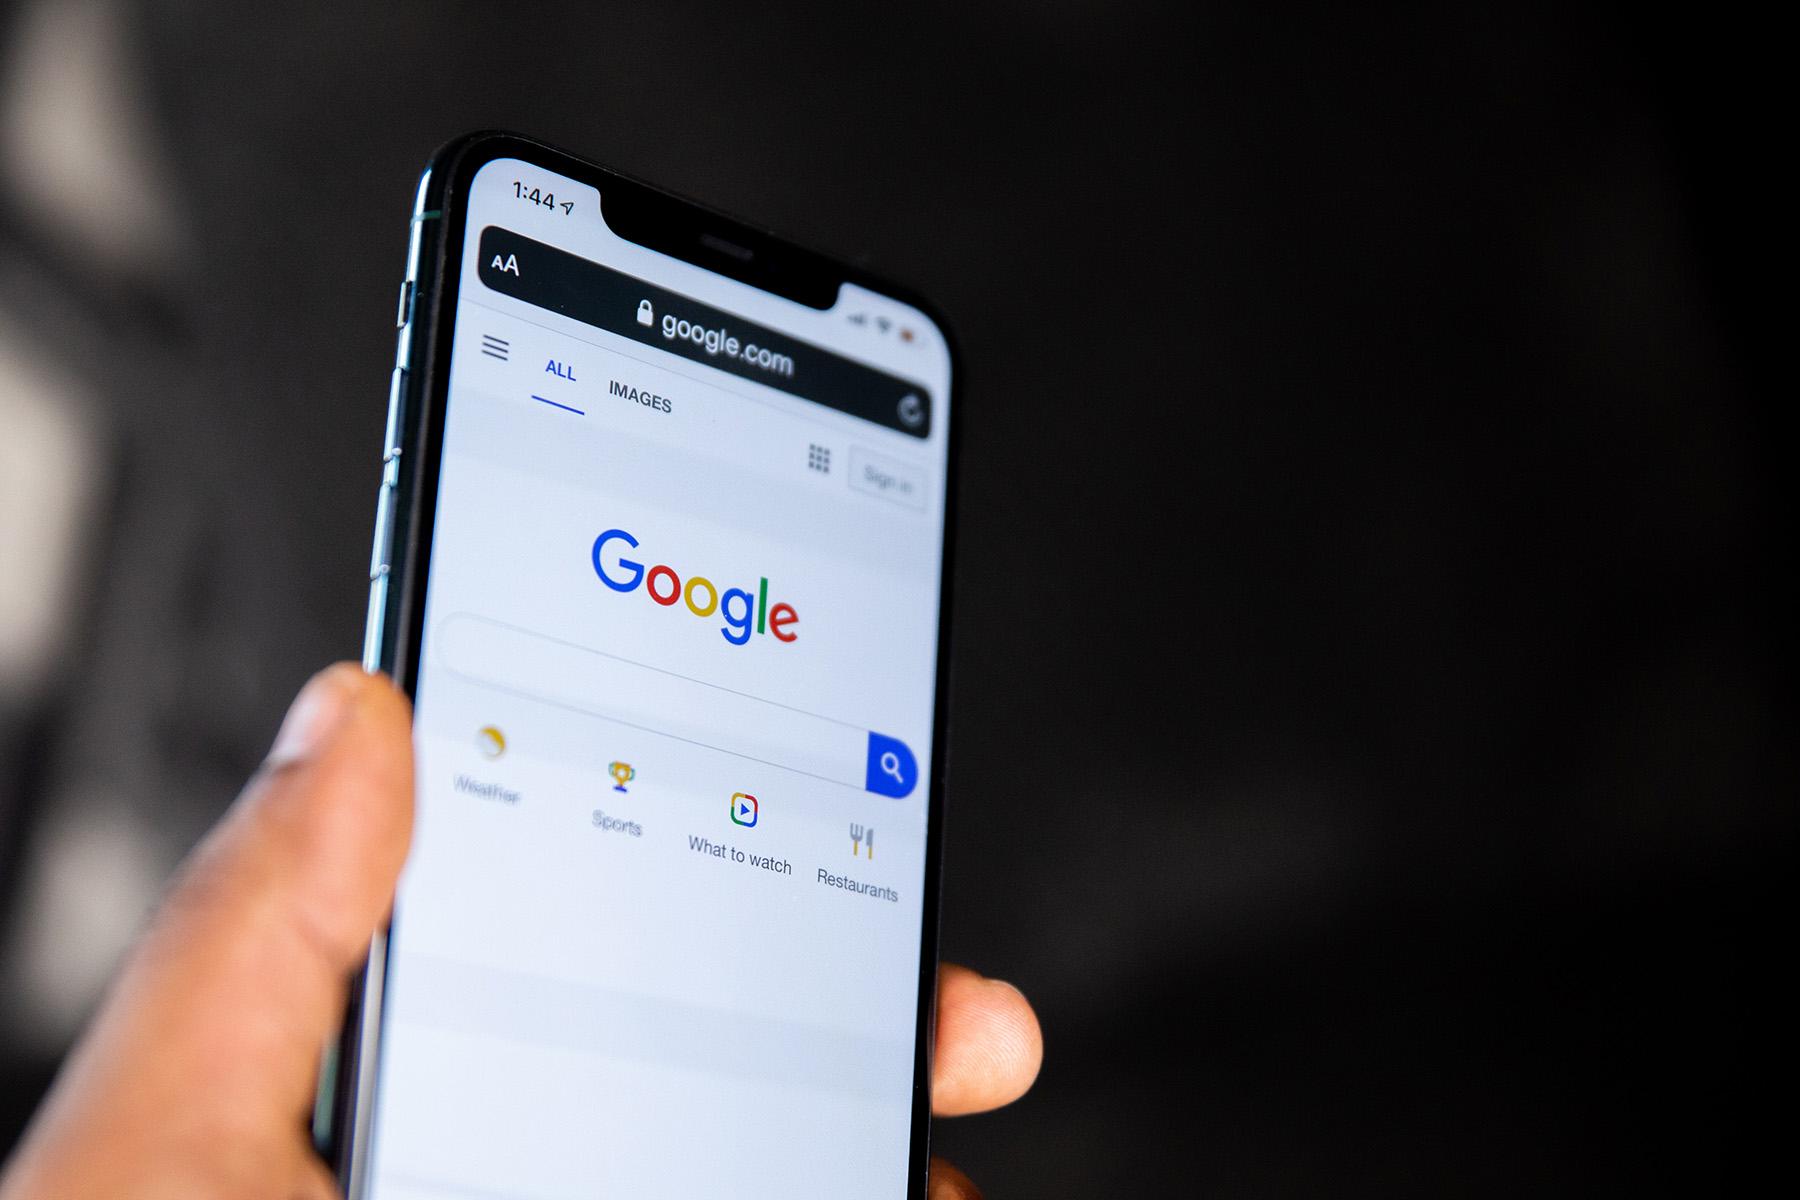 Nieskonczone wyniki wyszukiwania w Google